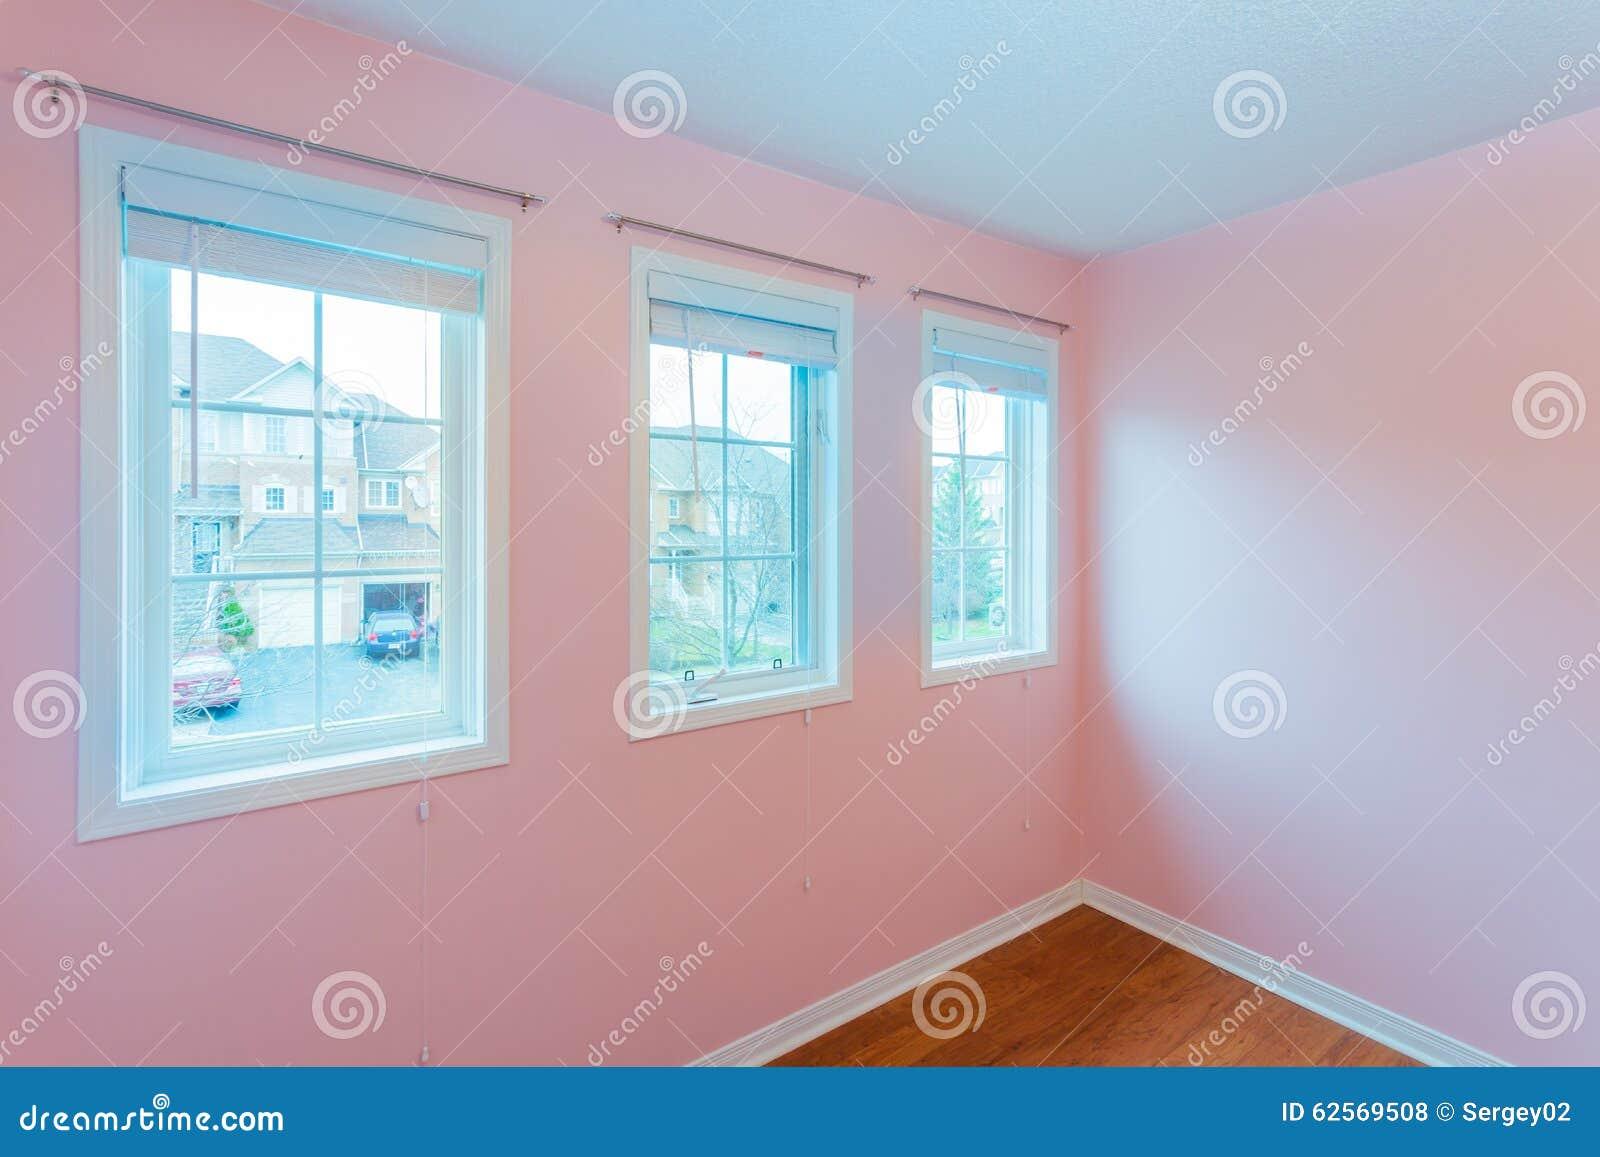 Couleur Chambre Coucher chambre à coucher vide dans la couleur rose photo stock - image du